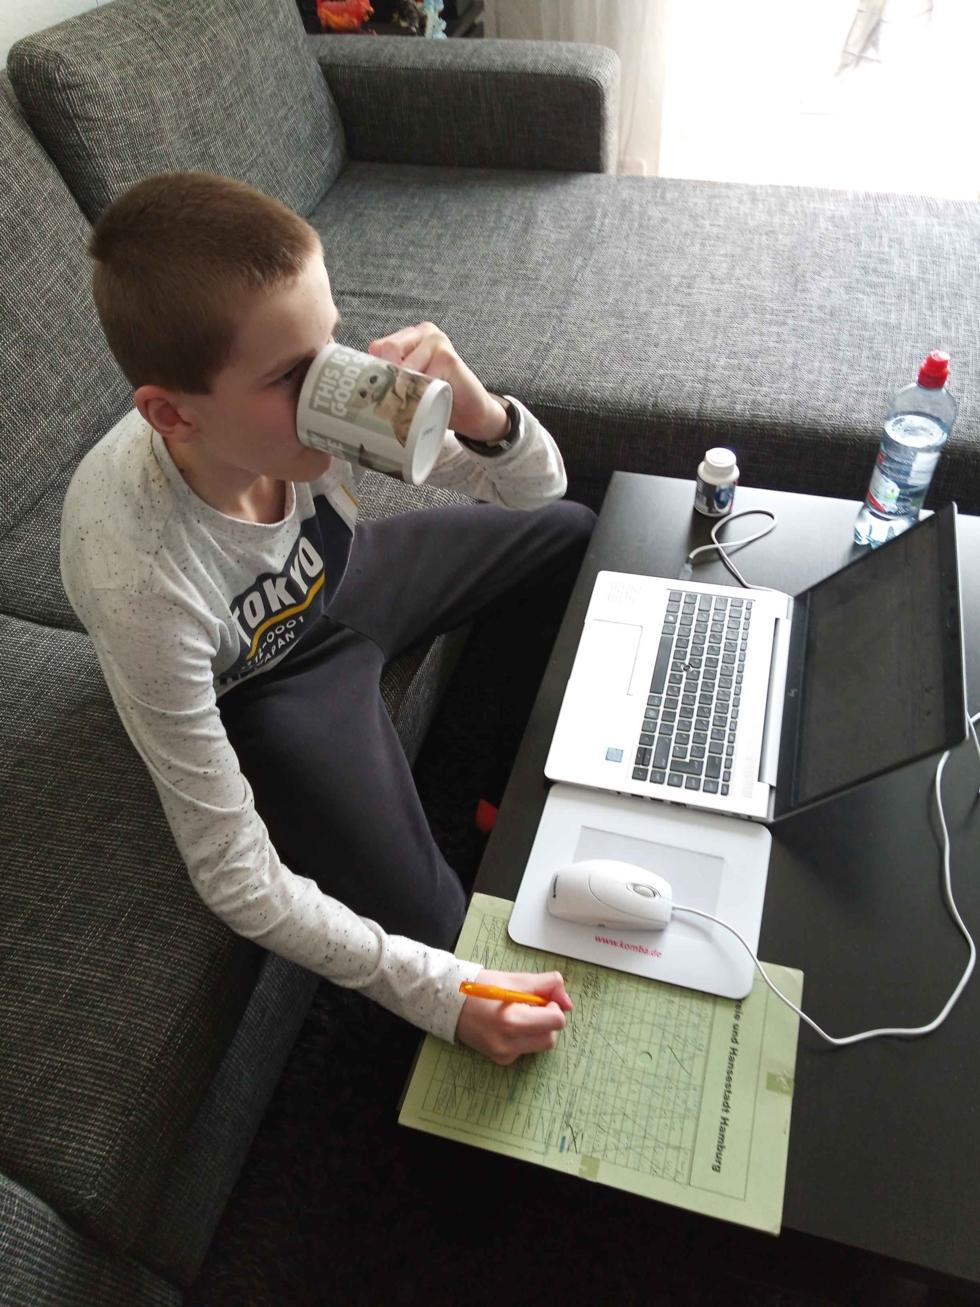 Junge mit Kaffetasse und Laptop auf dem Sofa